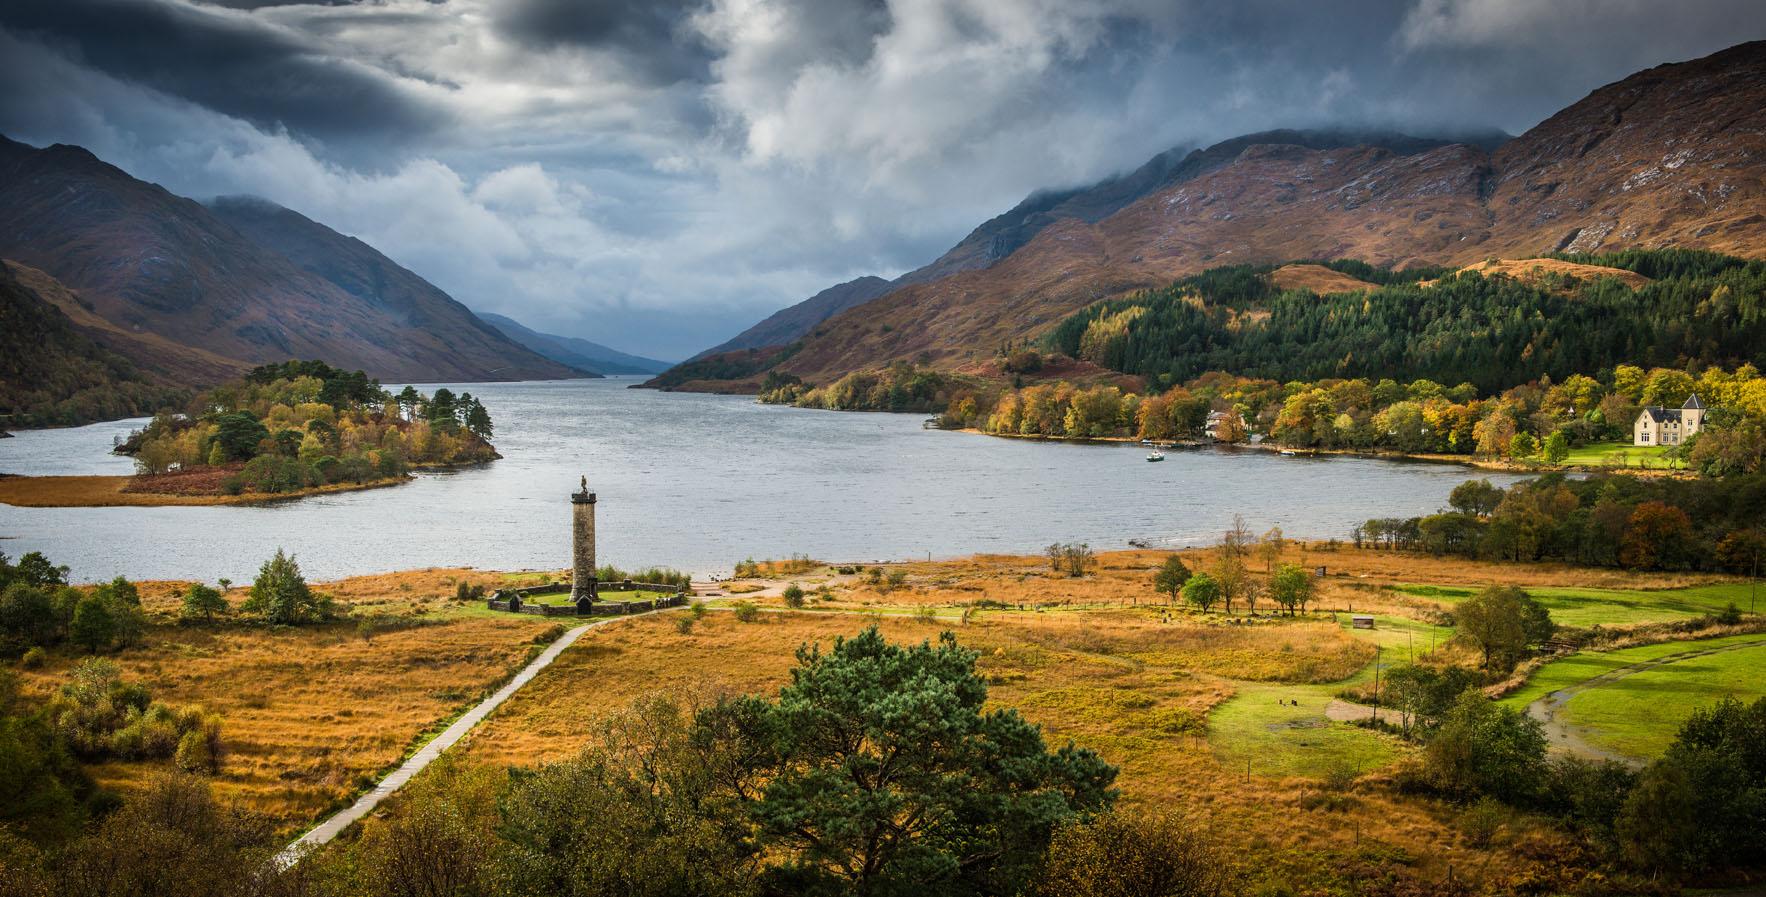 104-Loch-Shiel-Glenfinnan